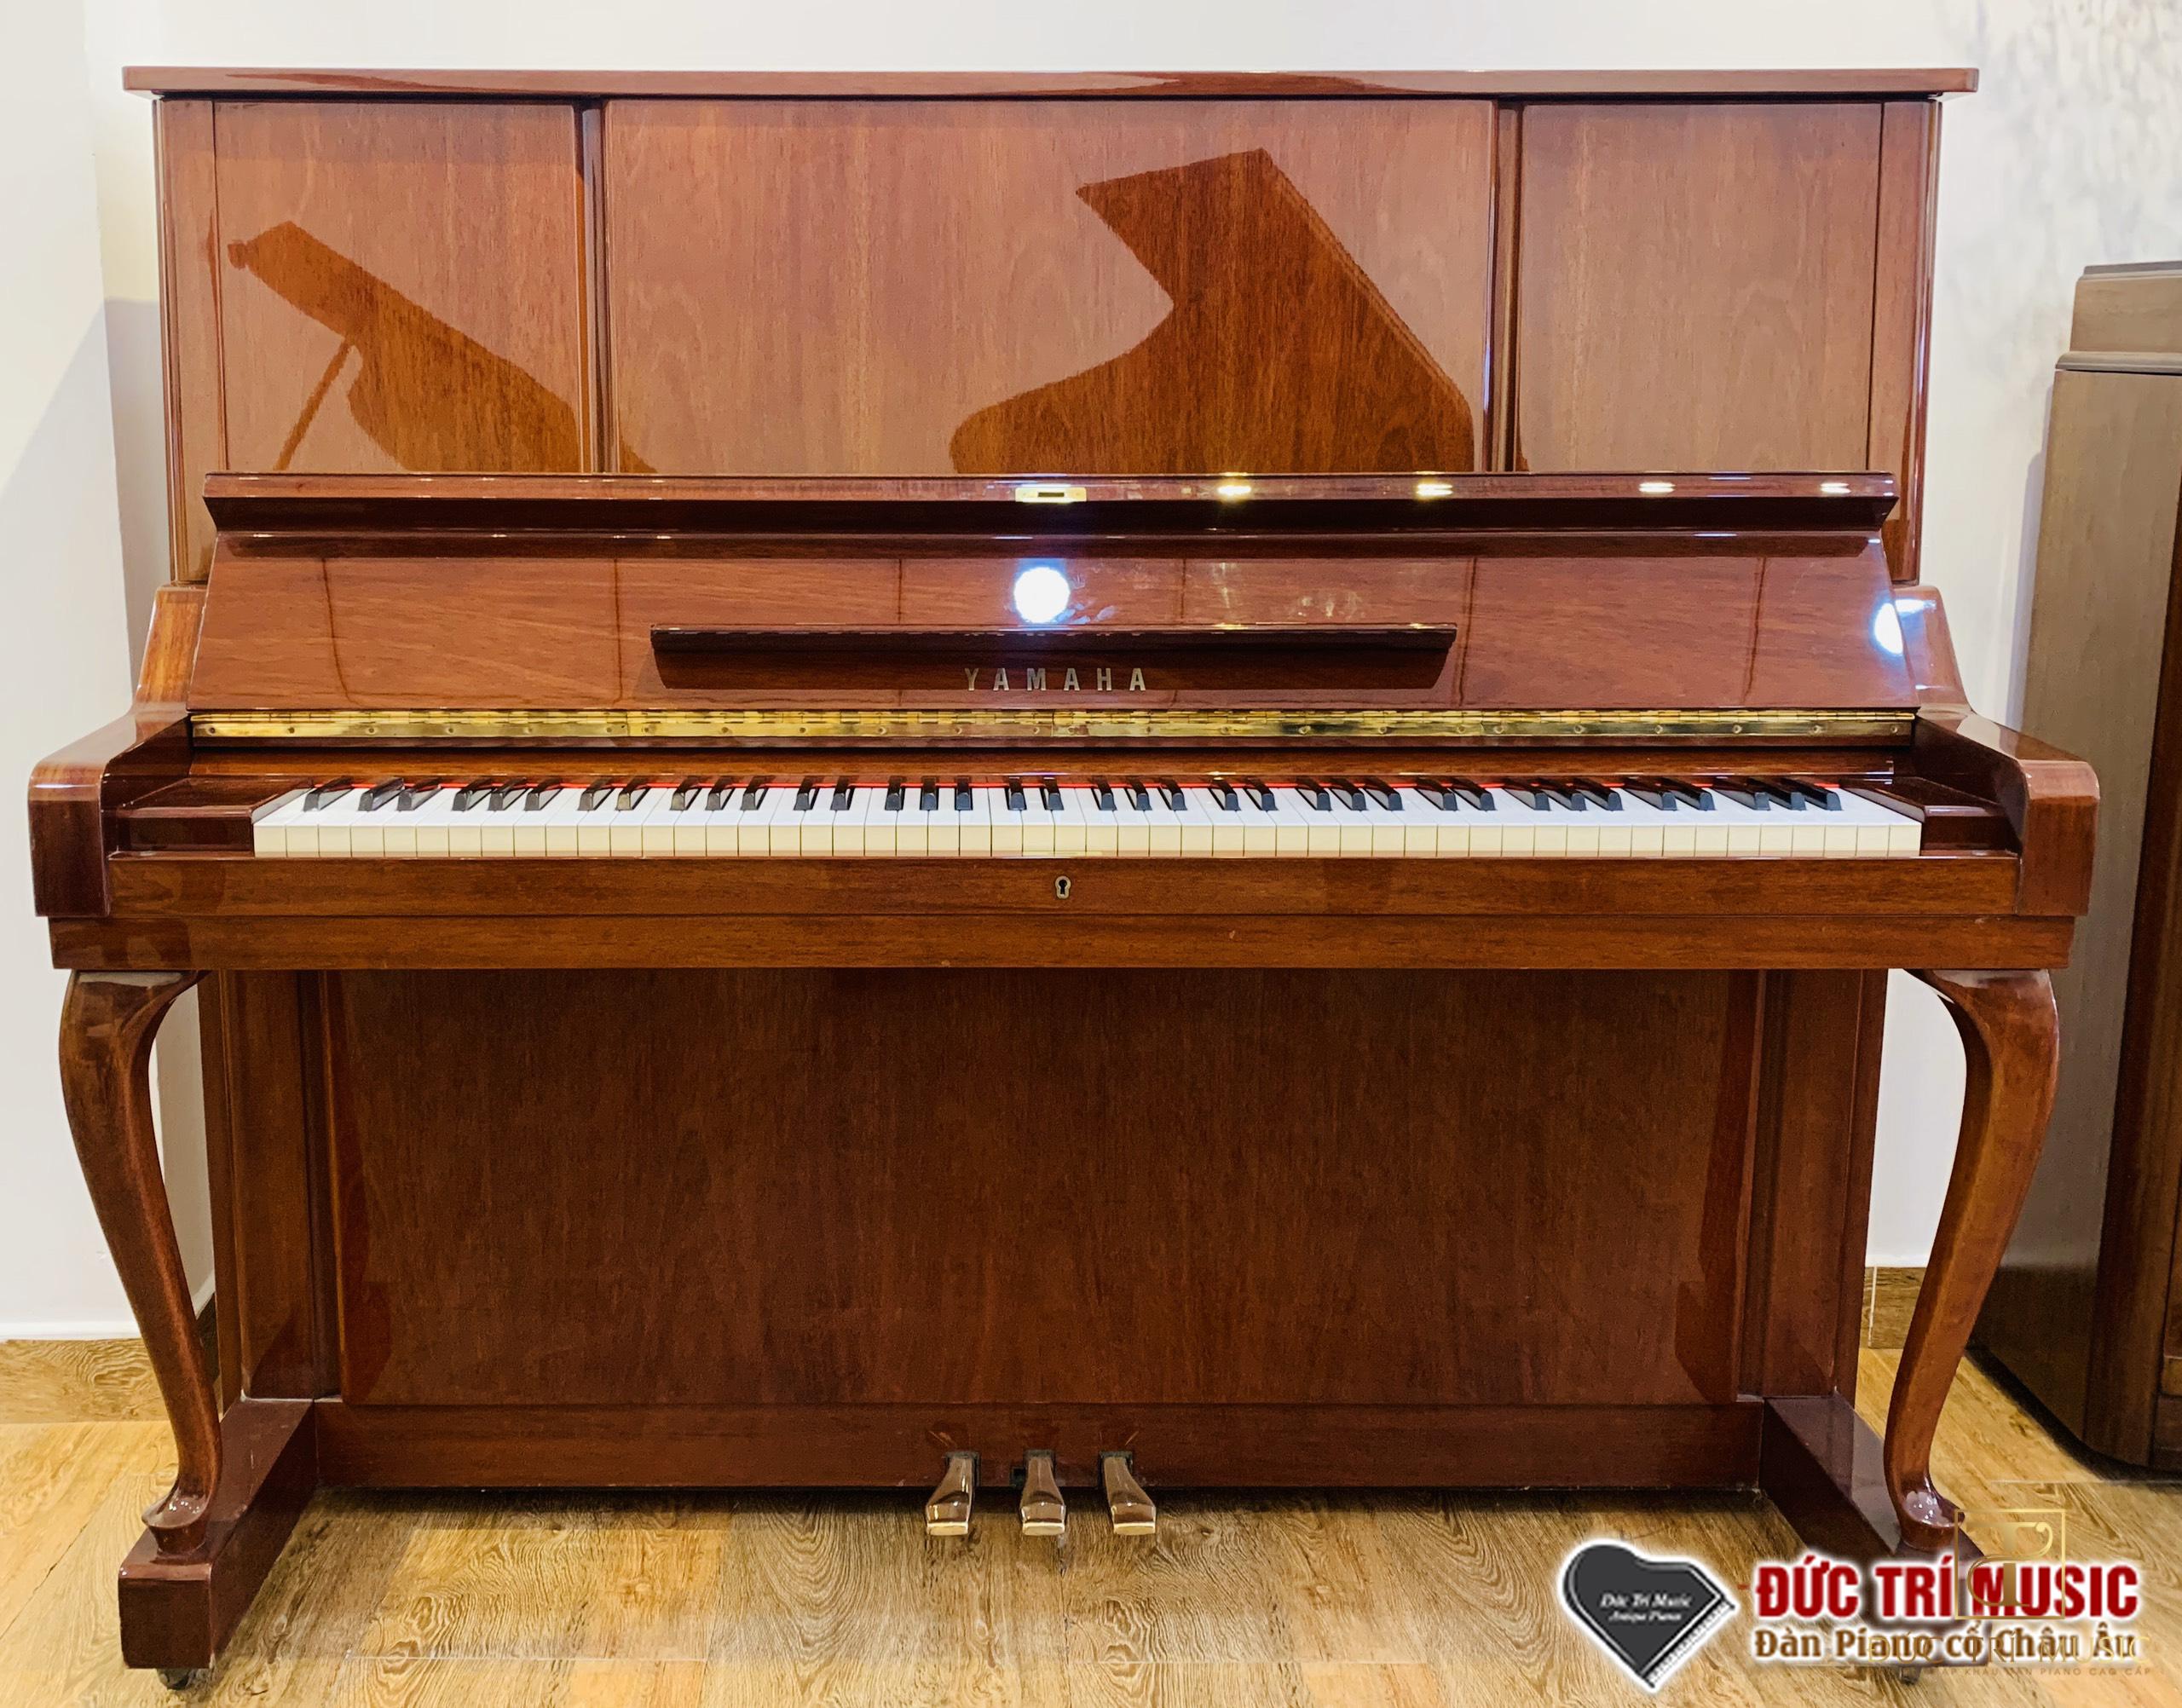 đàn piano yamaha w106b trưng bày tại đức trí music